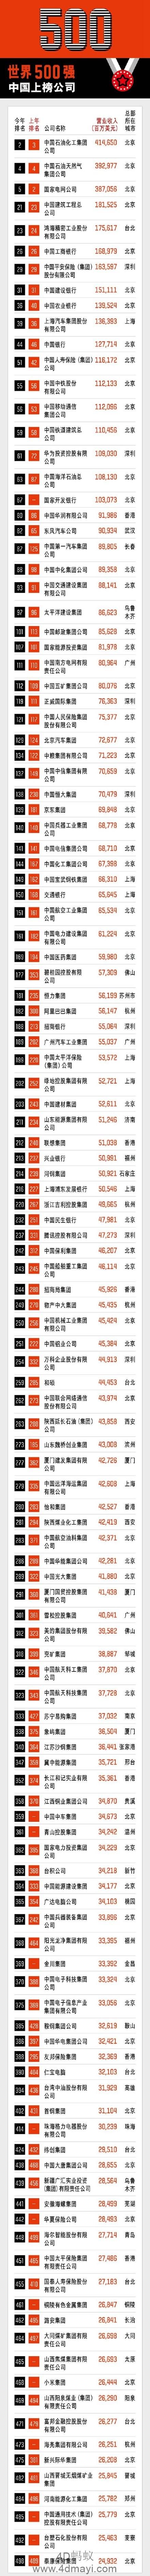 世界500强中国上榜公司首次超过美国 占129家!